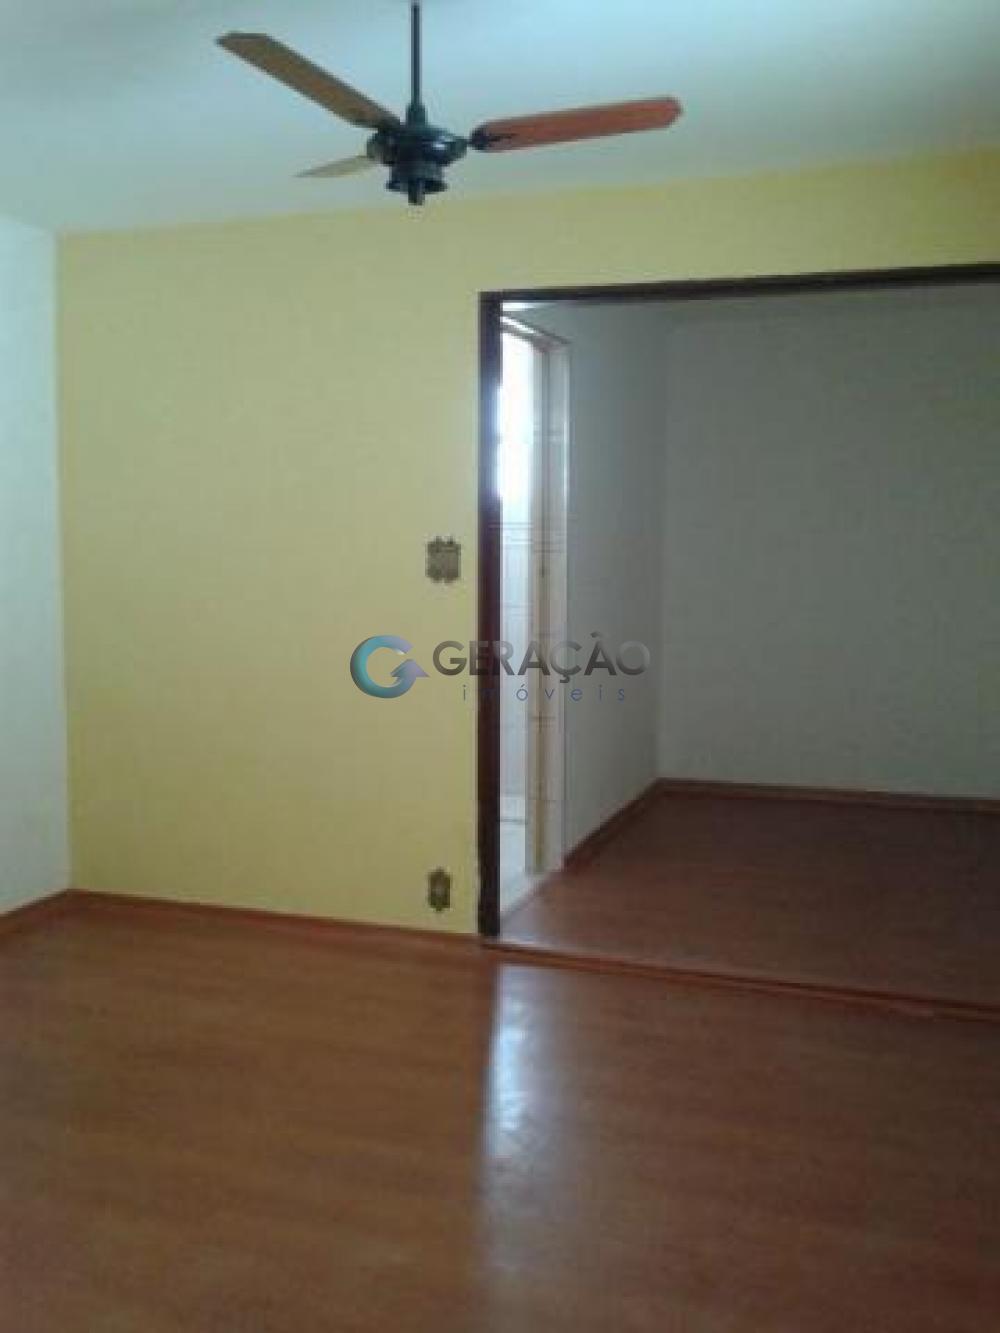 Comprar Casa / Padrão em São José dos Campos apenas R$ 450.000,00 - Foto 5